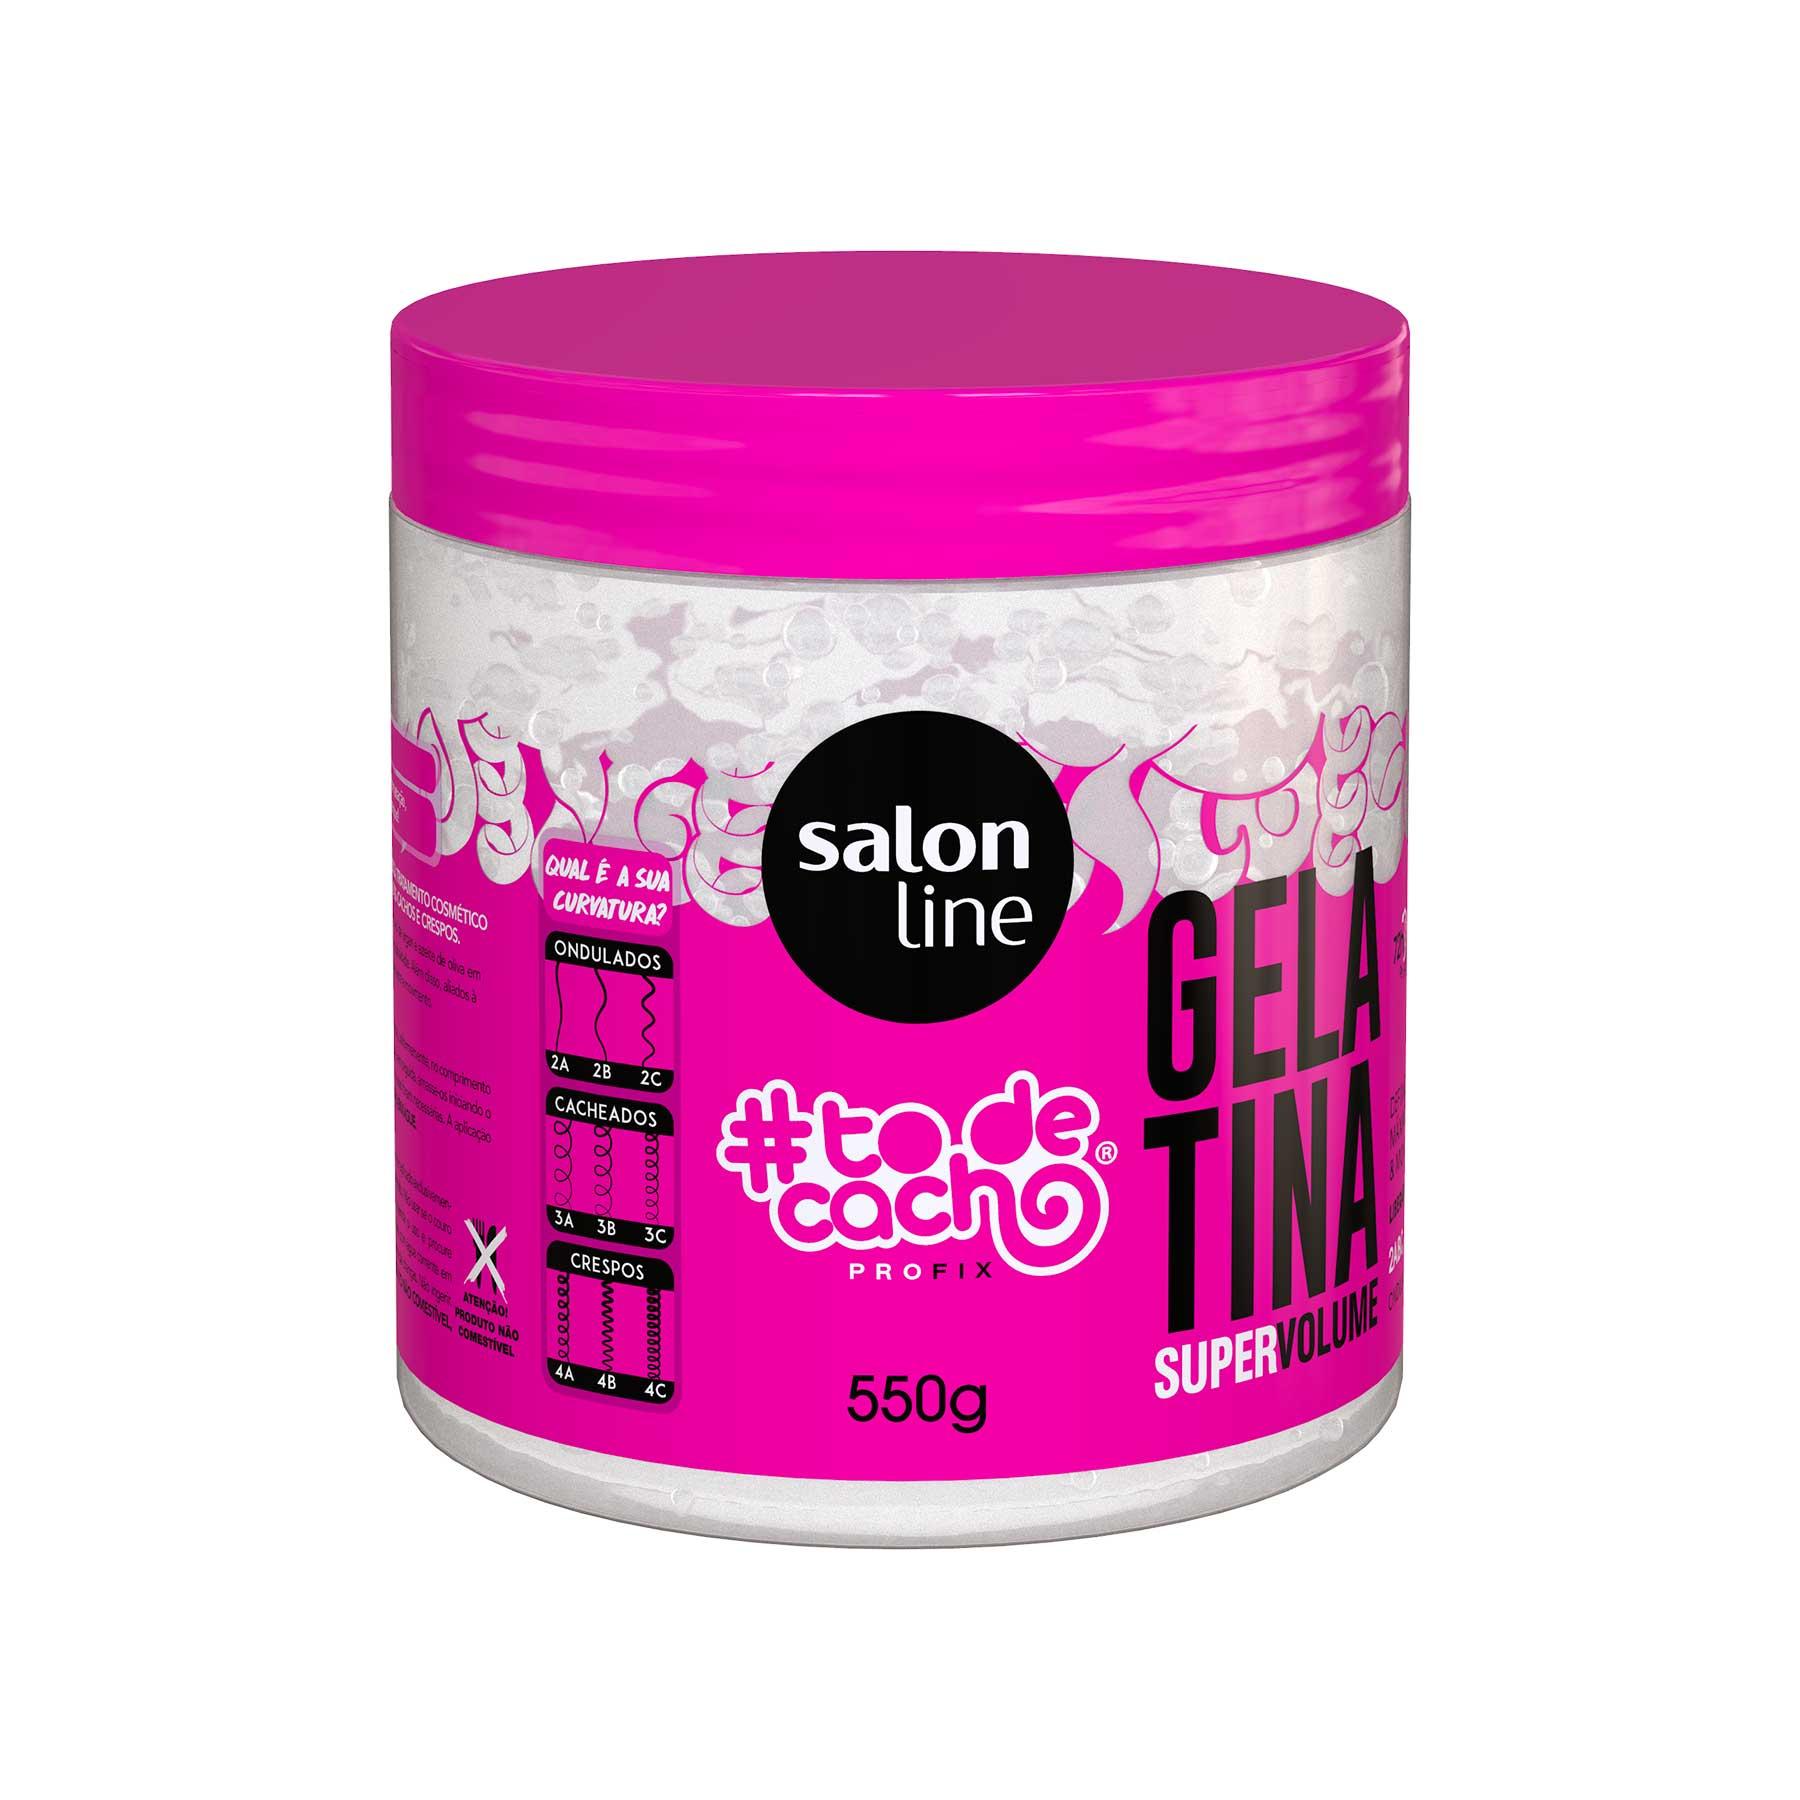 Gelatina Salon Line #todecacho Super Volume  - 550g